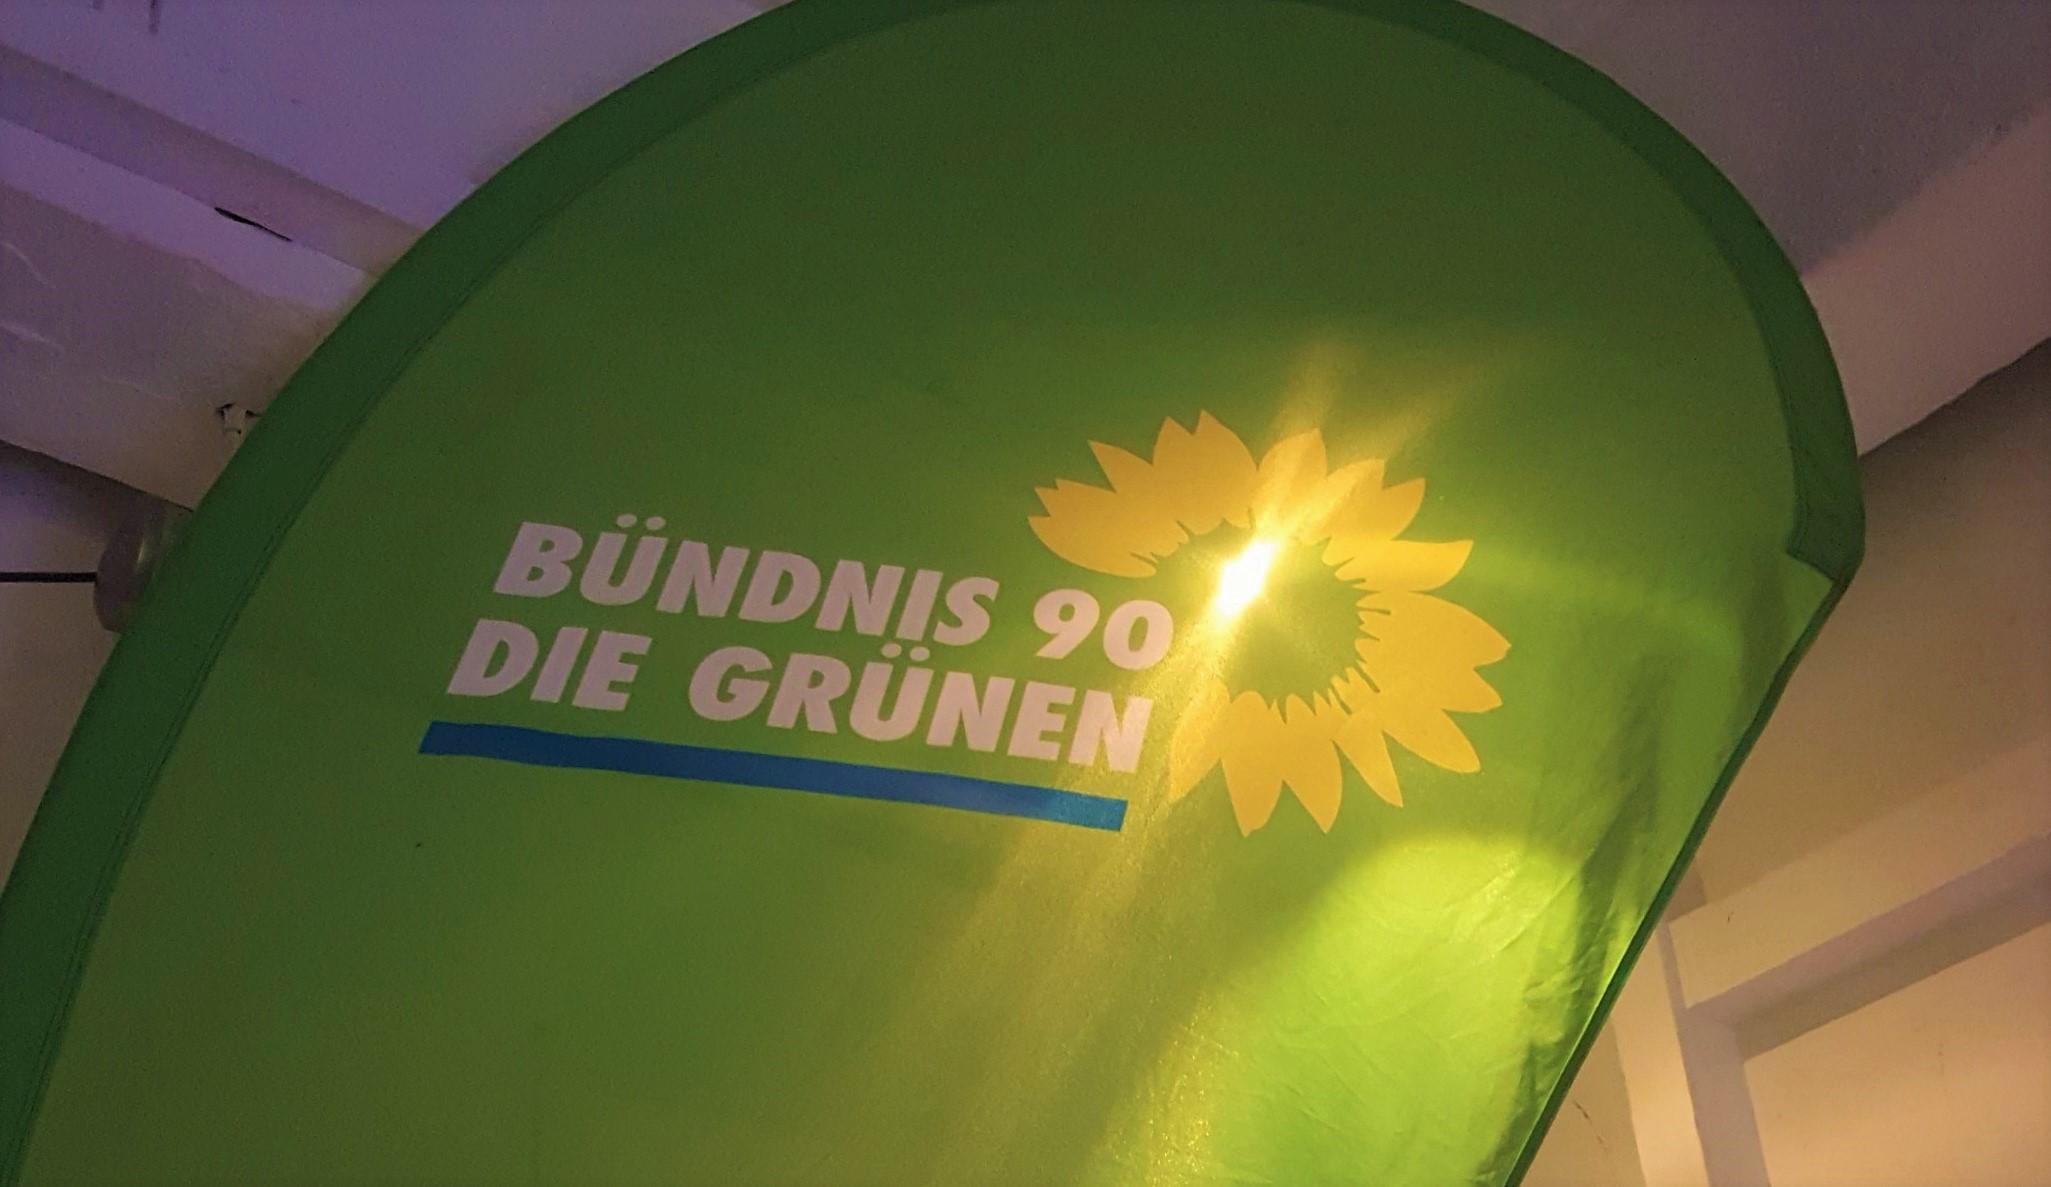 Stimmen gewonnen, Uwe Kekeritz verloren – die Bundestagswahl im Landkreis im Überblick